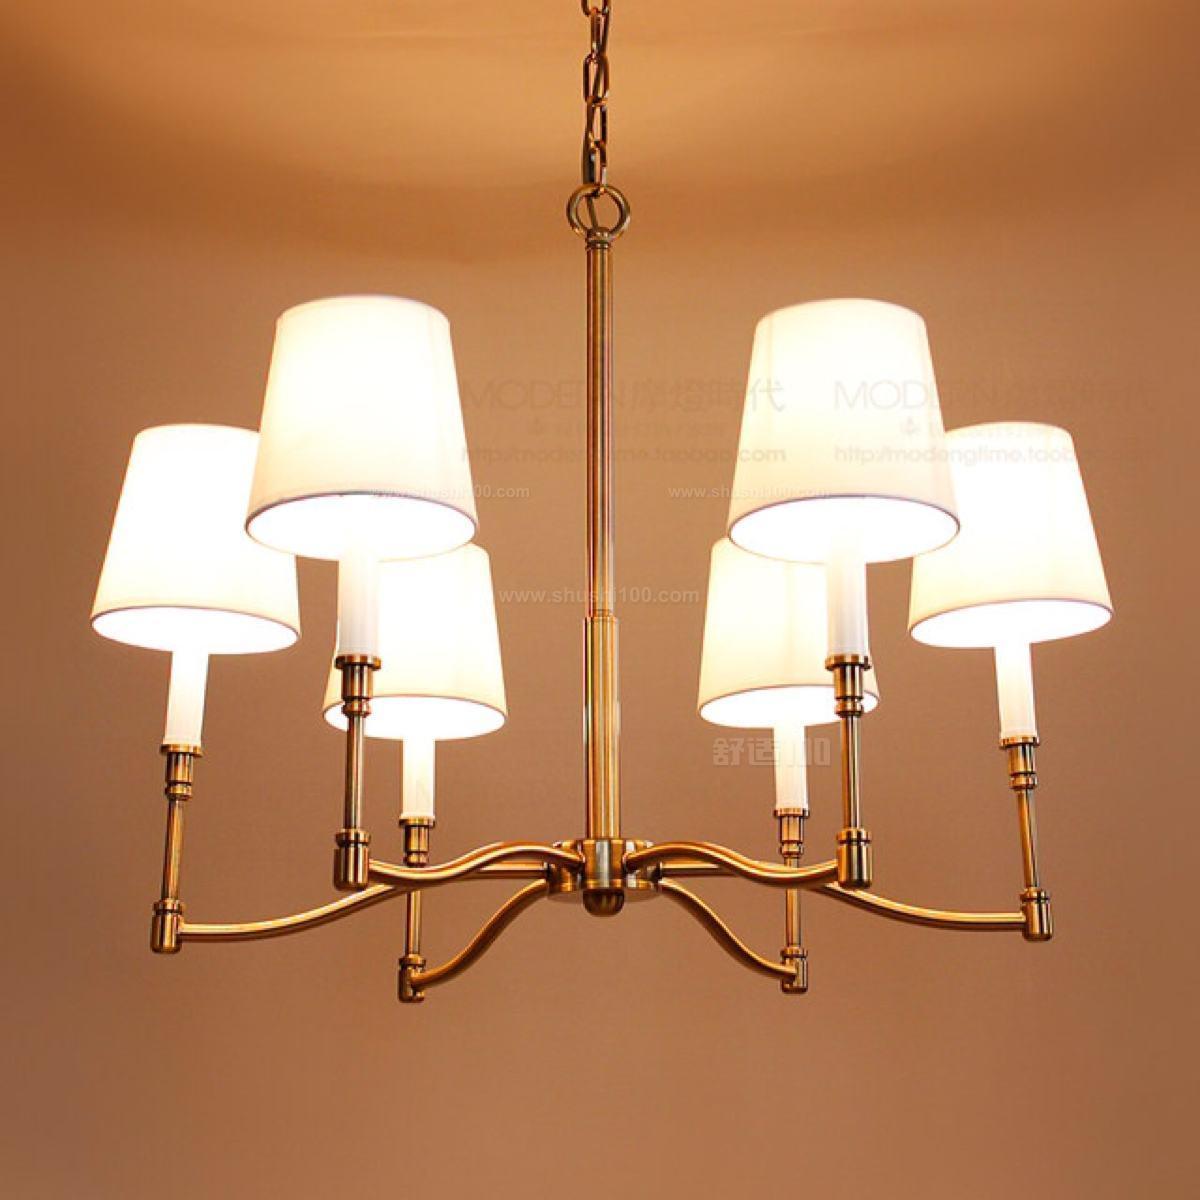 高度板房吊灯-介绍餐厅吊灯安装v高度方法图纸高清图片